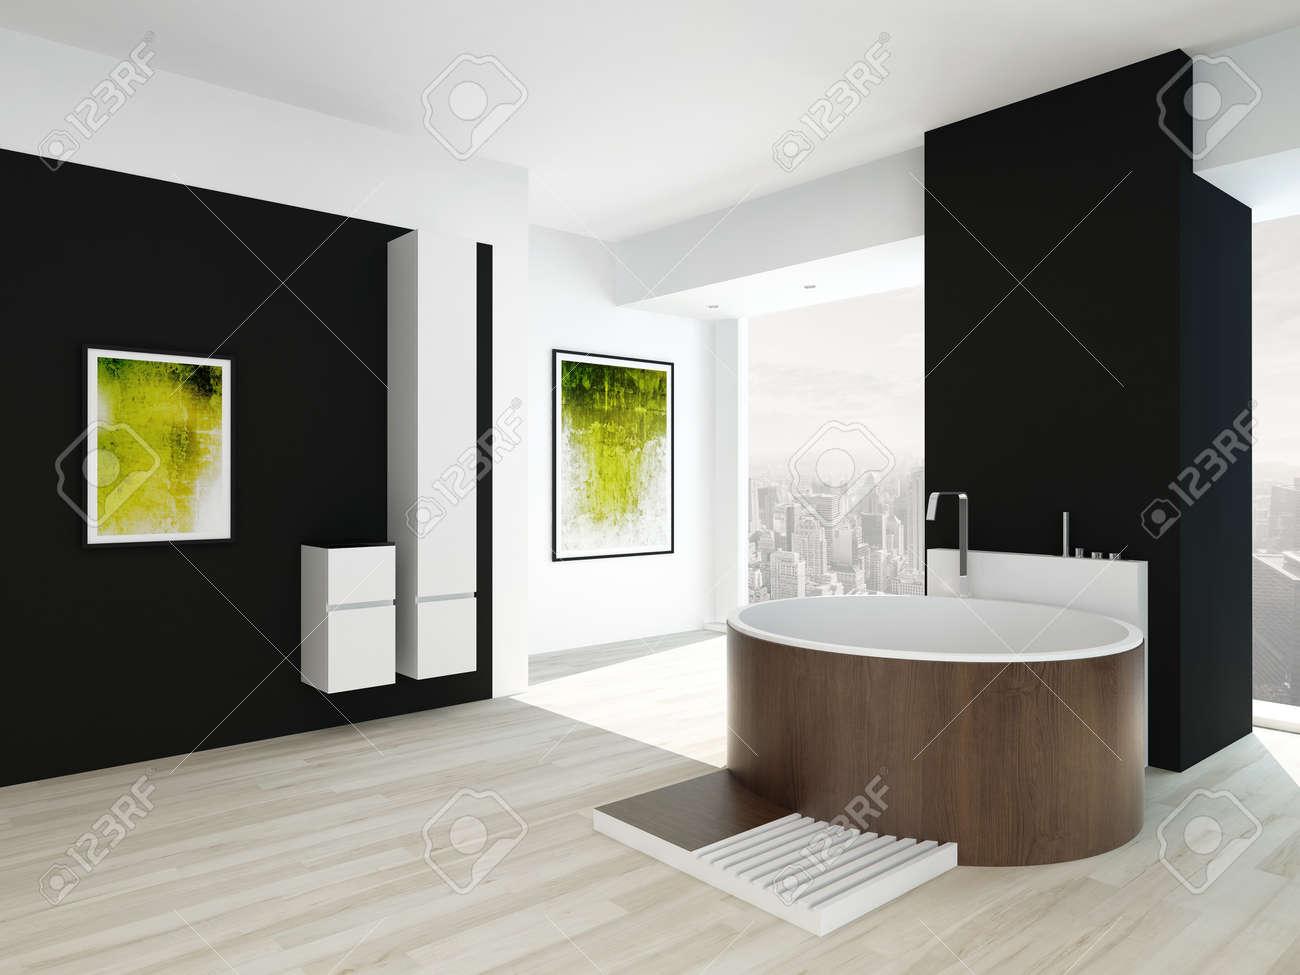 Interieur De Salle De Bains Moderne Avec Un Mur Noir Peinture Verte Et Baignoire En Bois Rond